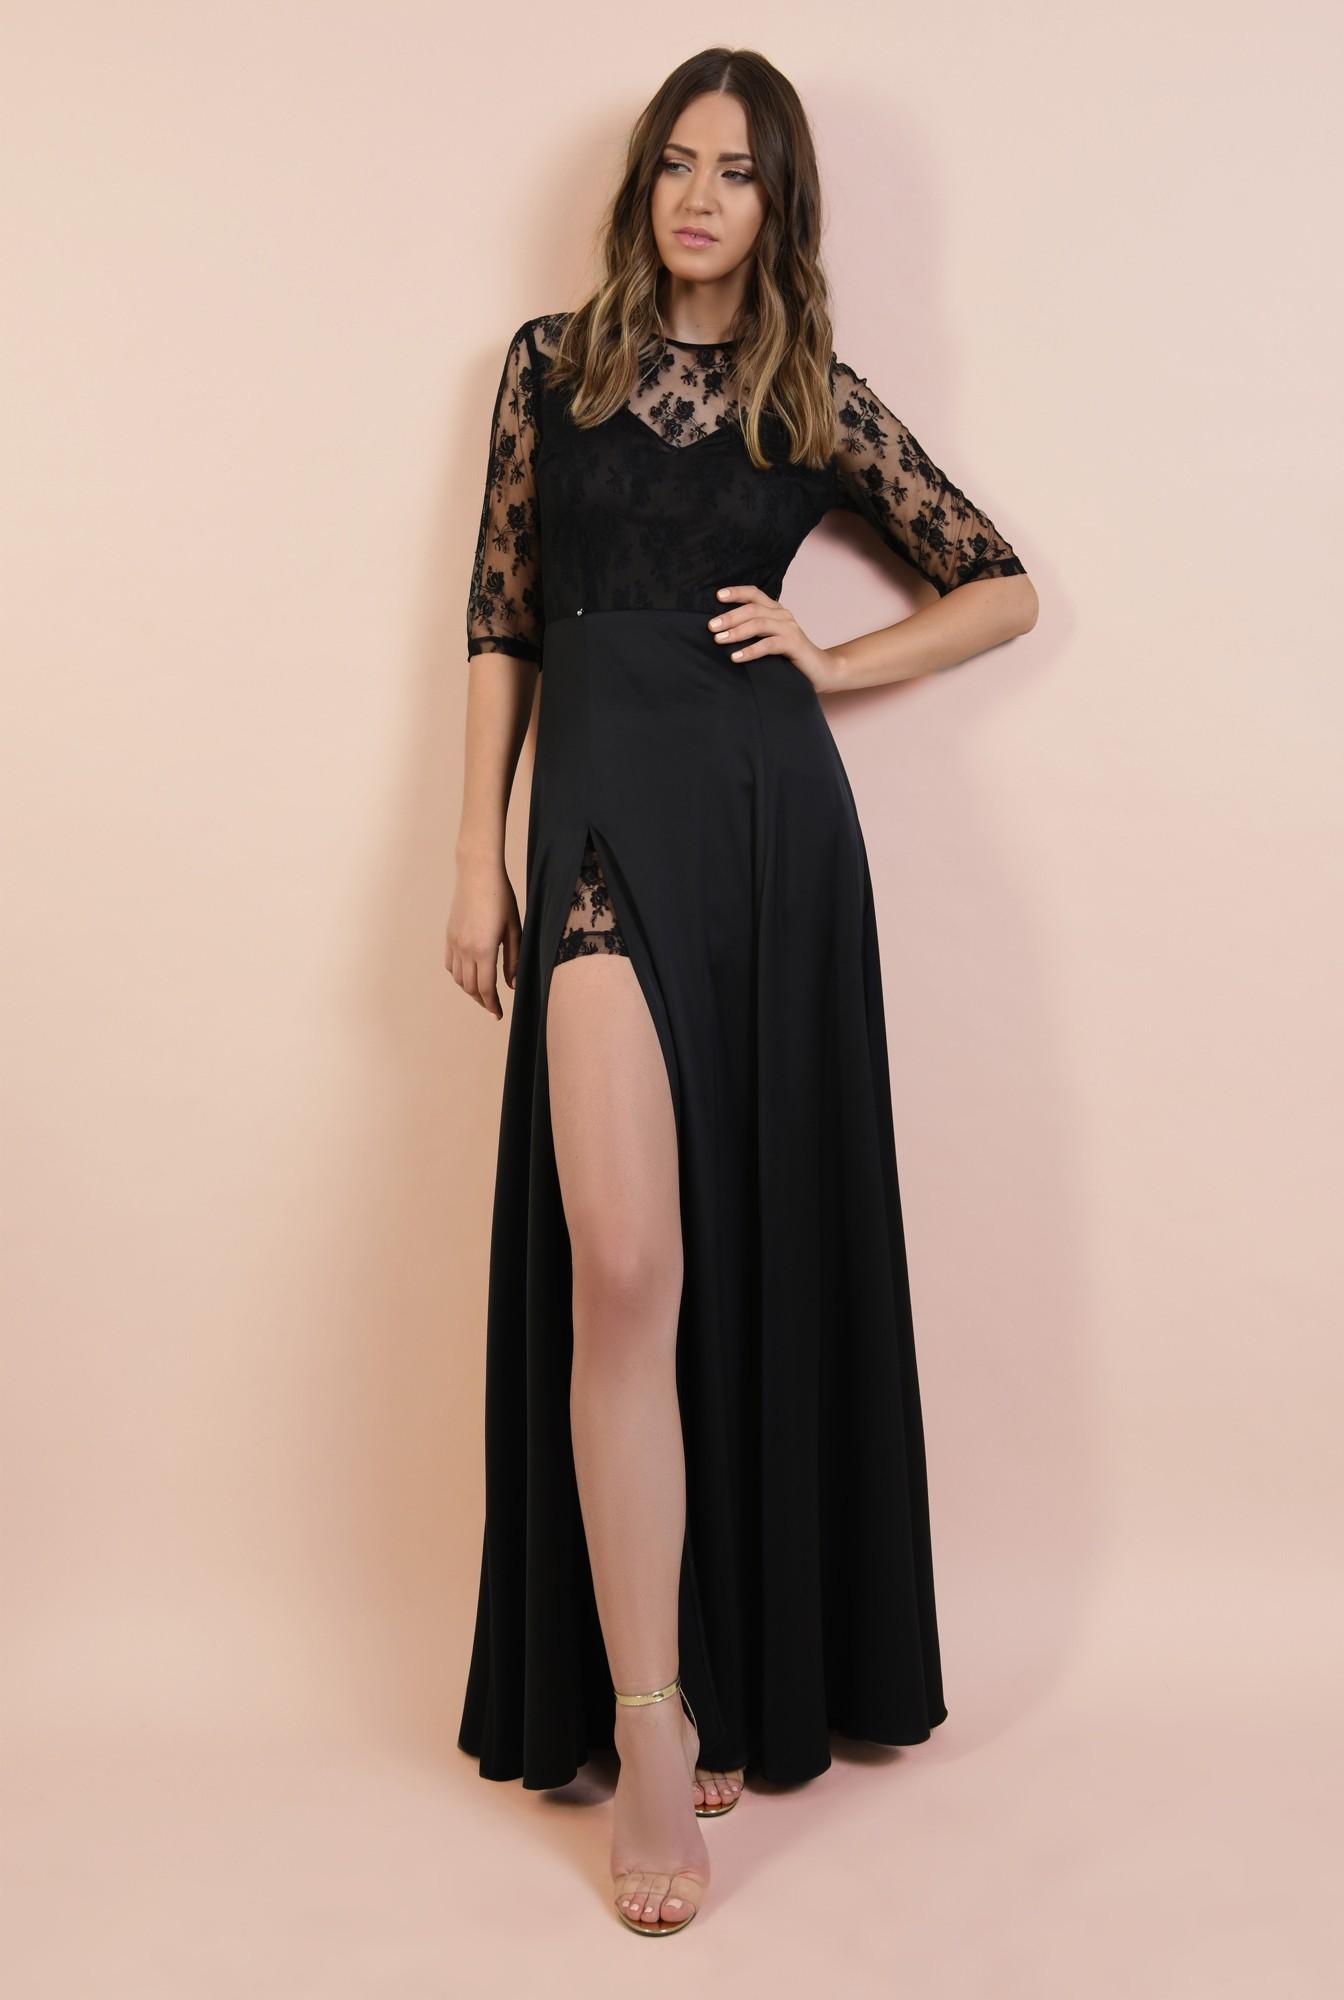 0 - rochie de seara, neagra, lunga, cu crapeu, din dantela, satin